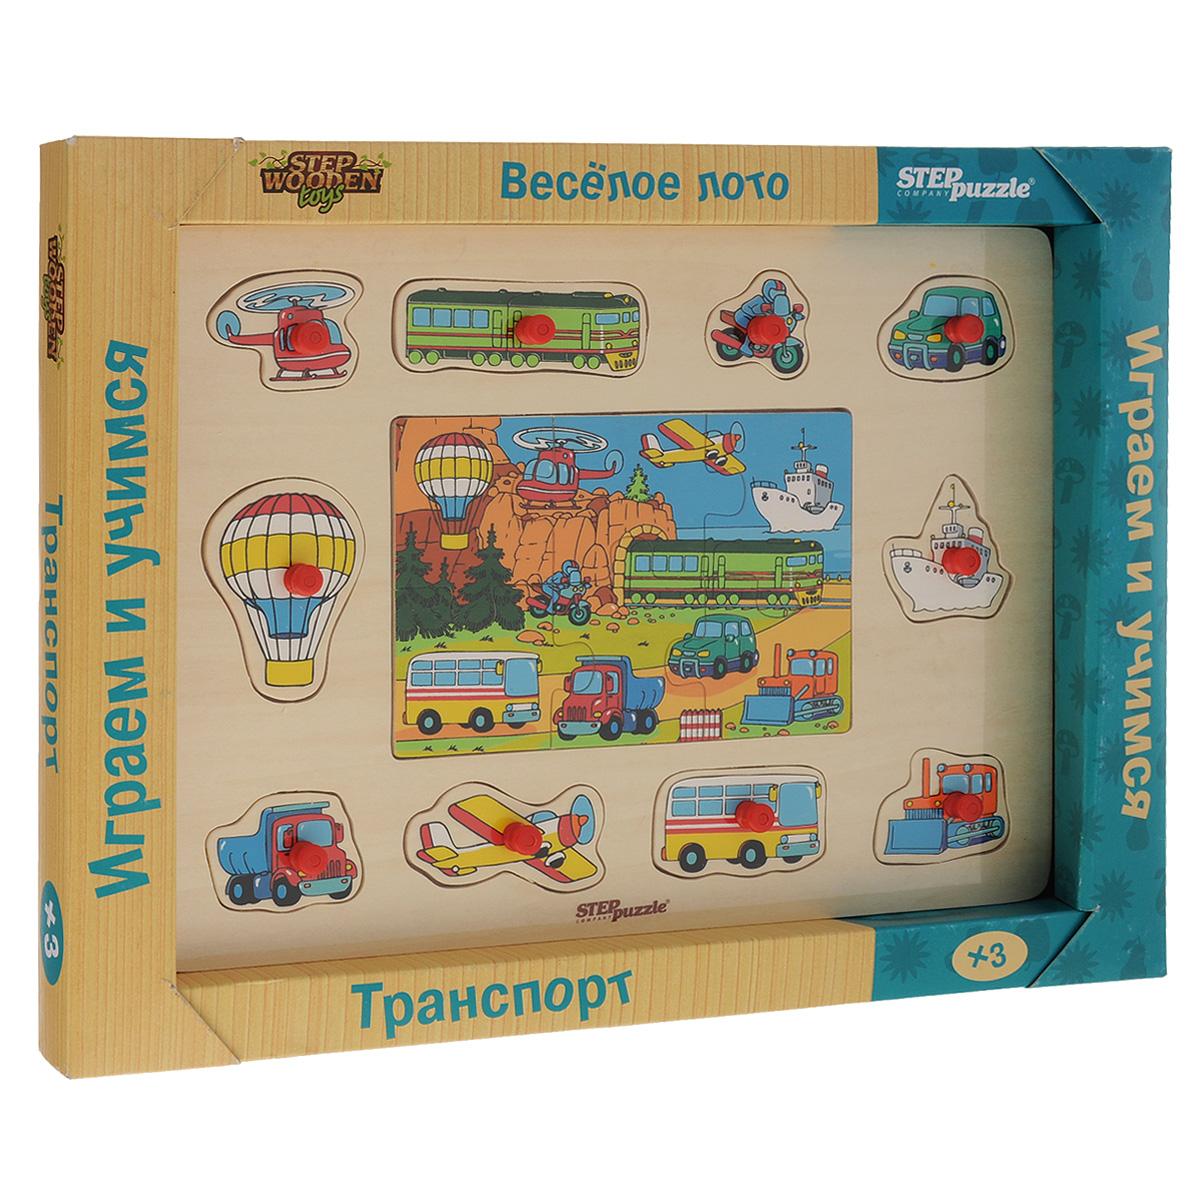 Деревянный пазл-вкладыш Веселое лото. Транспорт, 16 элементов89602_транспортУвлекательная развивающая игра Веселое лото. Транспорт поможет малышу познакомится с основными видами наземного, воздушного и даже водного транспорта. Игра развивает логическое мышление, память, мелкую моторику, позволяет моделировать множество игровых ситуаций. Набор состоит из 6 пазлов и 10 отдельных фигурок из дерева с изображением различных видов транспорта.